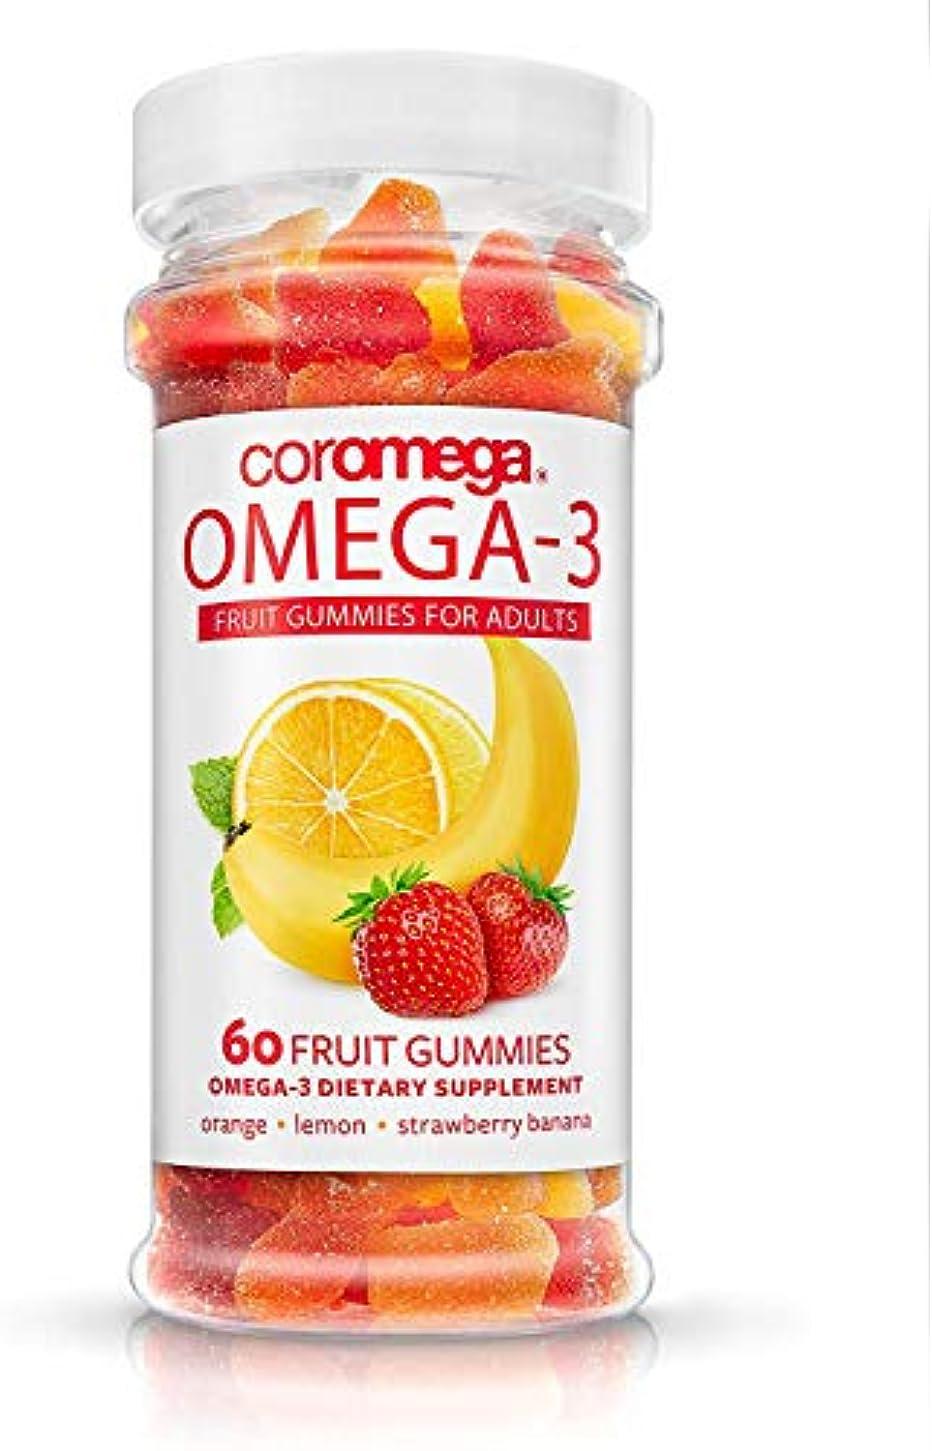 腐敗表面的な実験Coromega - Omega-3 大人のためのフルーツGummies - 60グミ入りX 4ボトル [並行輸入品]